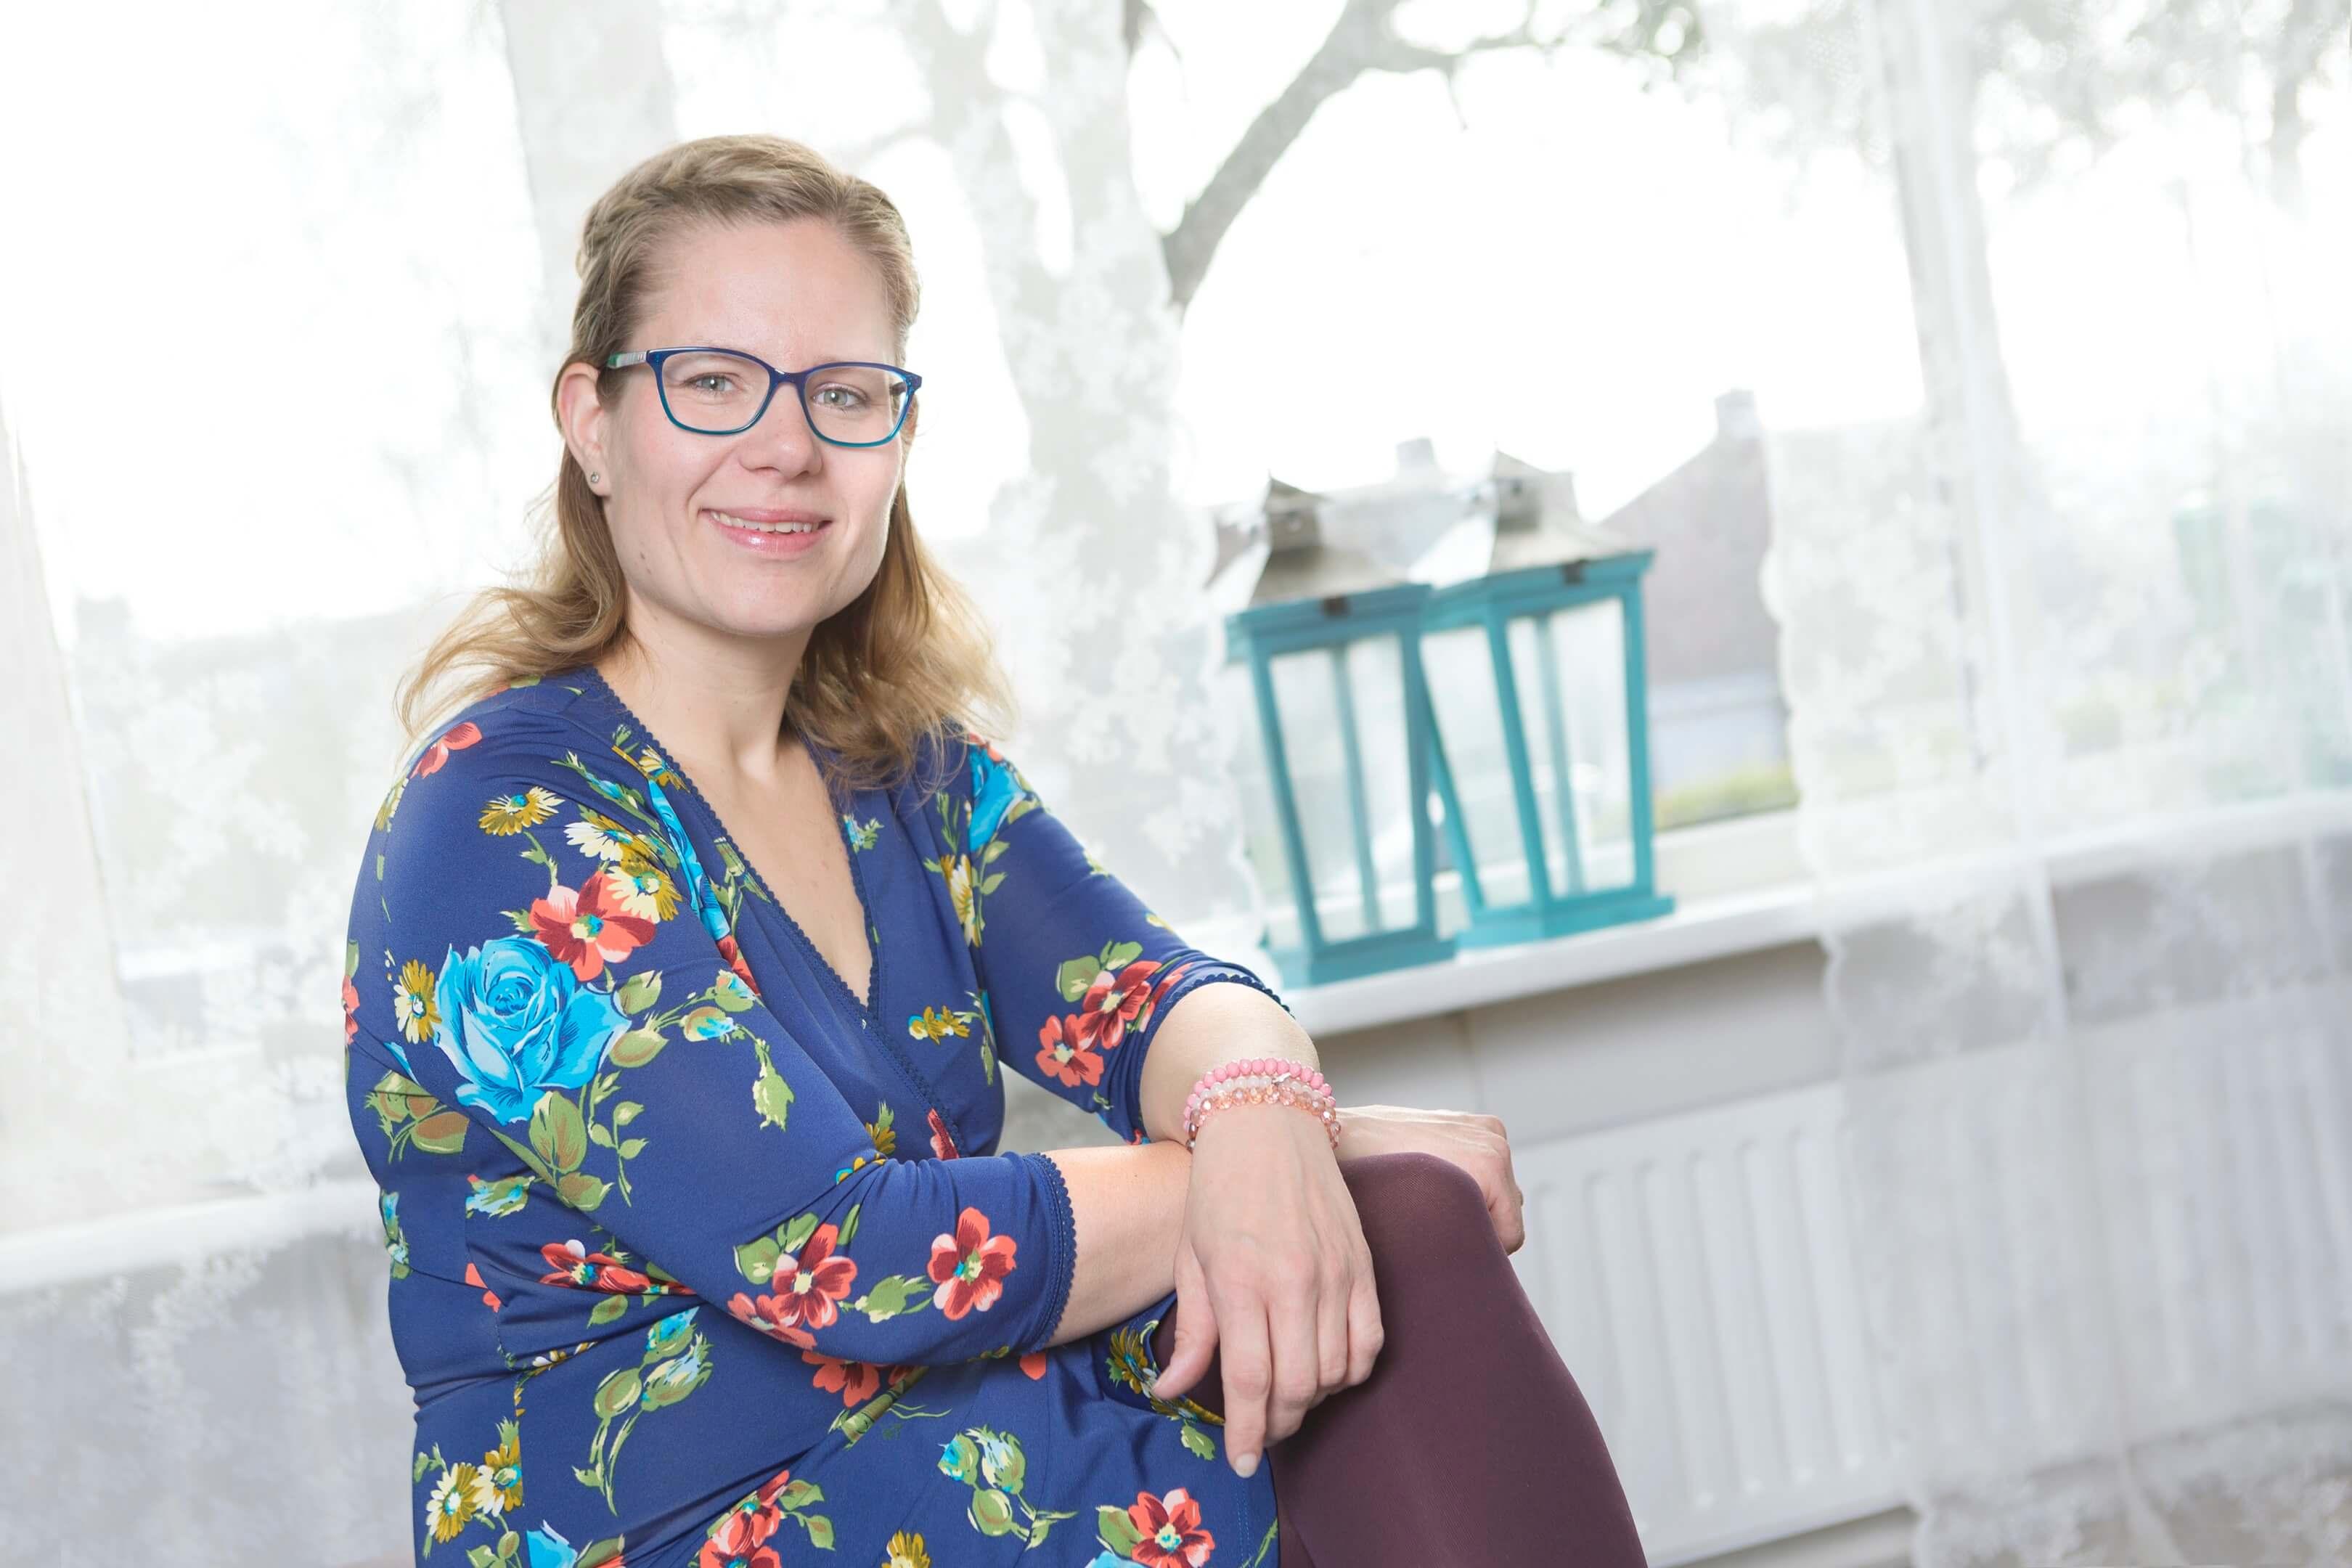 Vitalys Jurjen Poeles Fotografie (ex)patiënt portret Esther bariatrie Rijnstate Arnhem